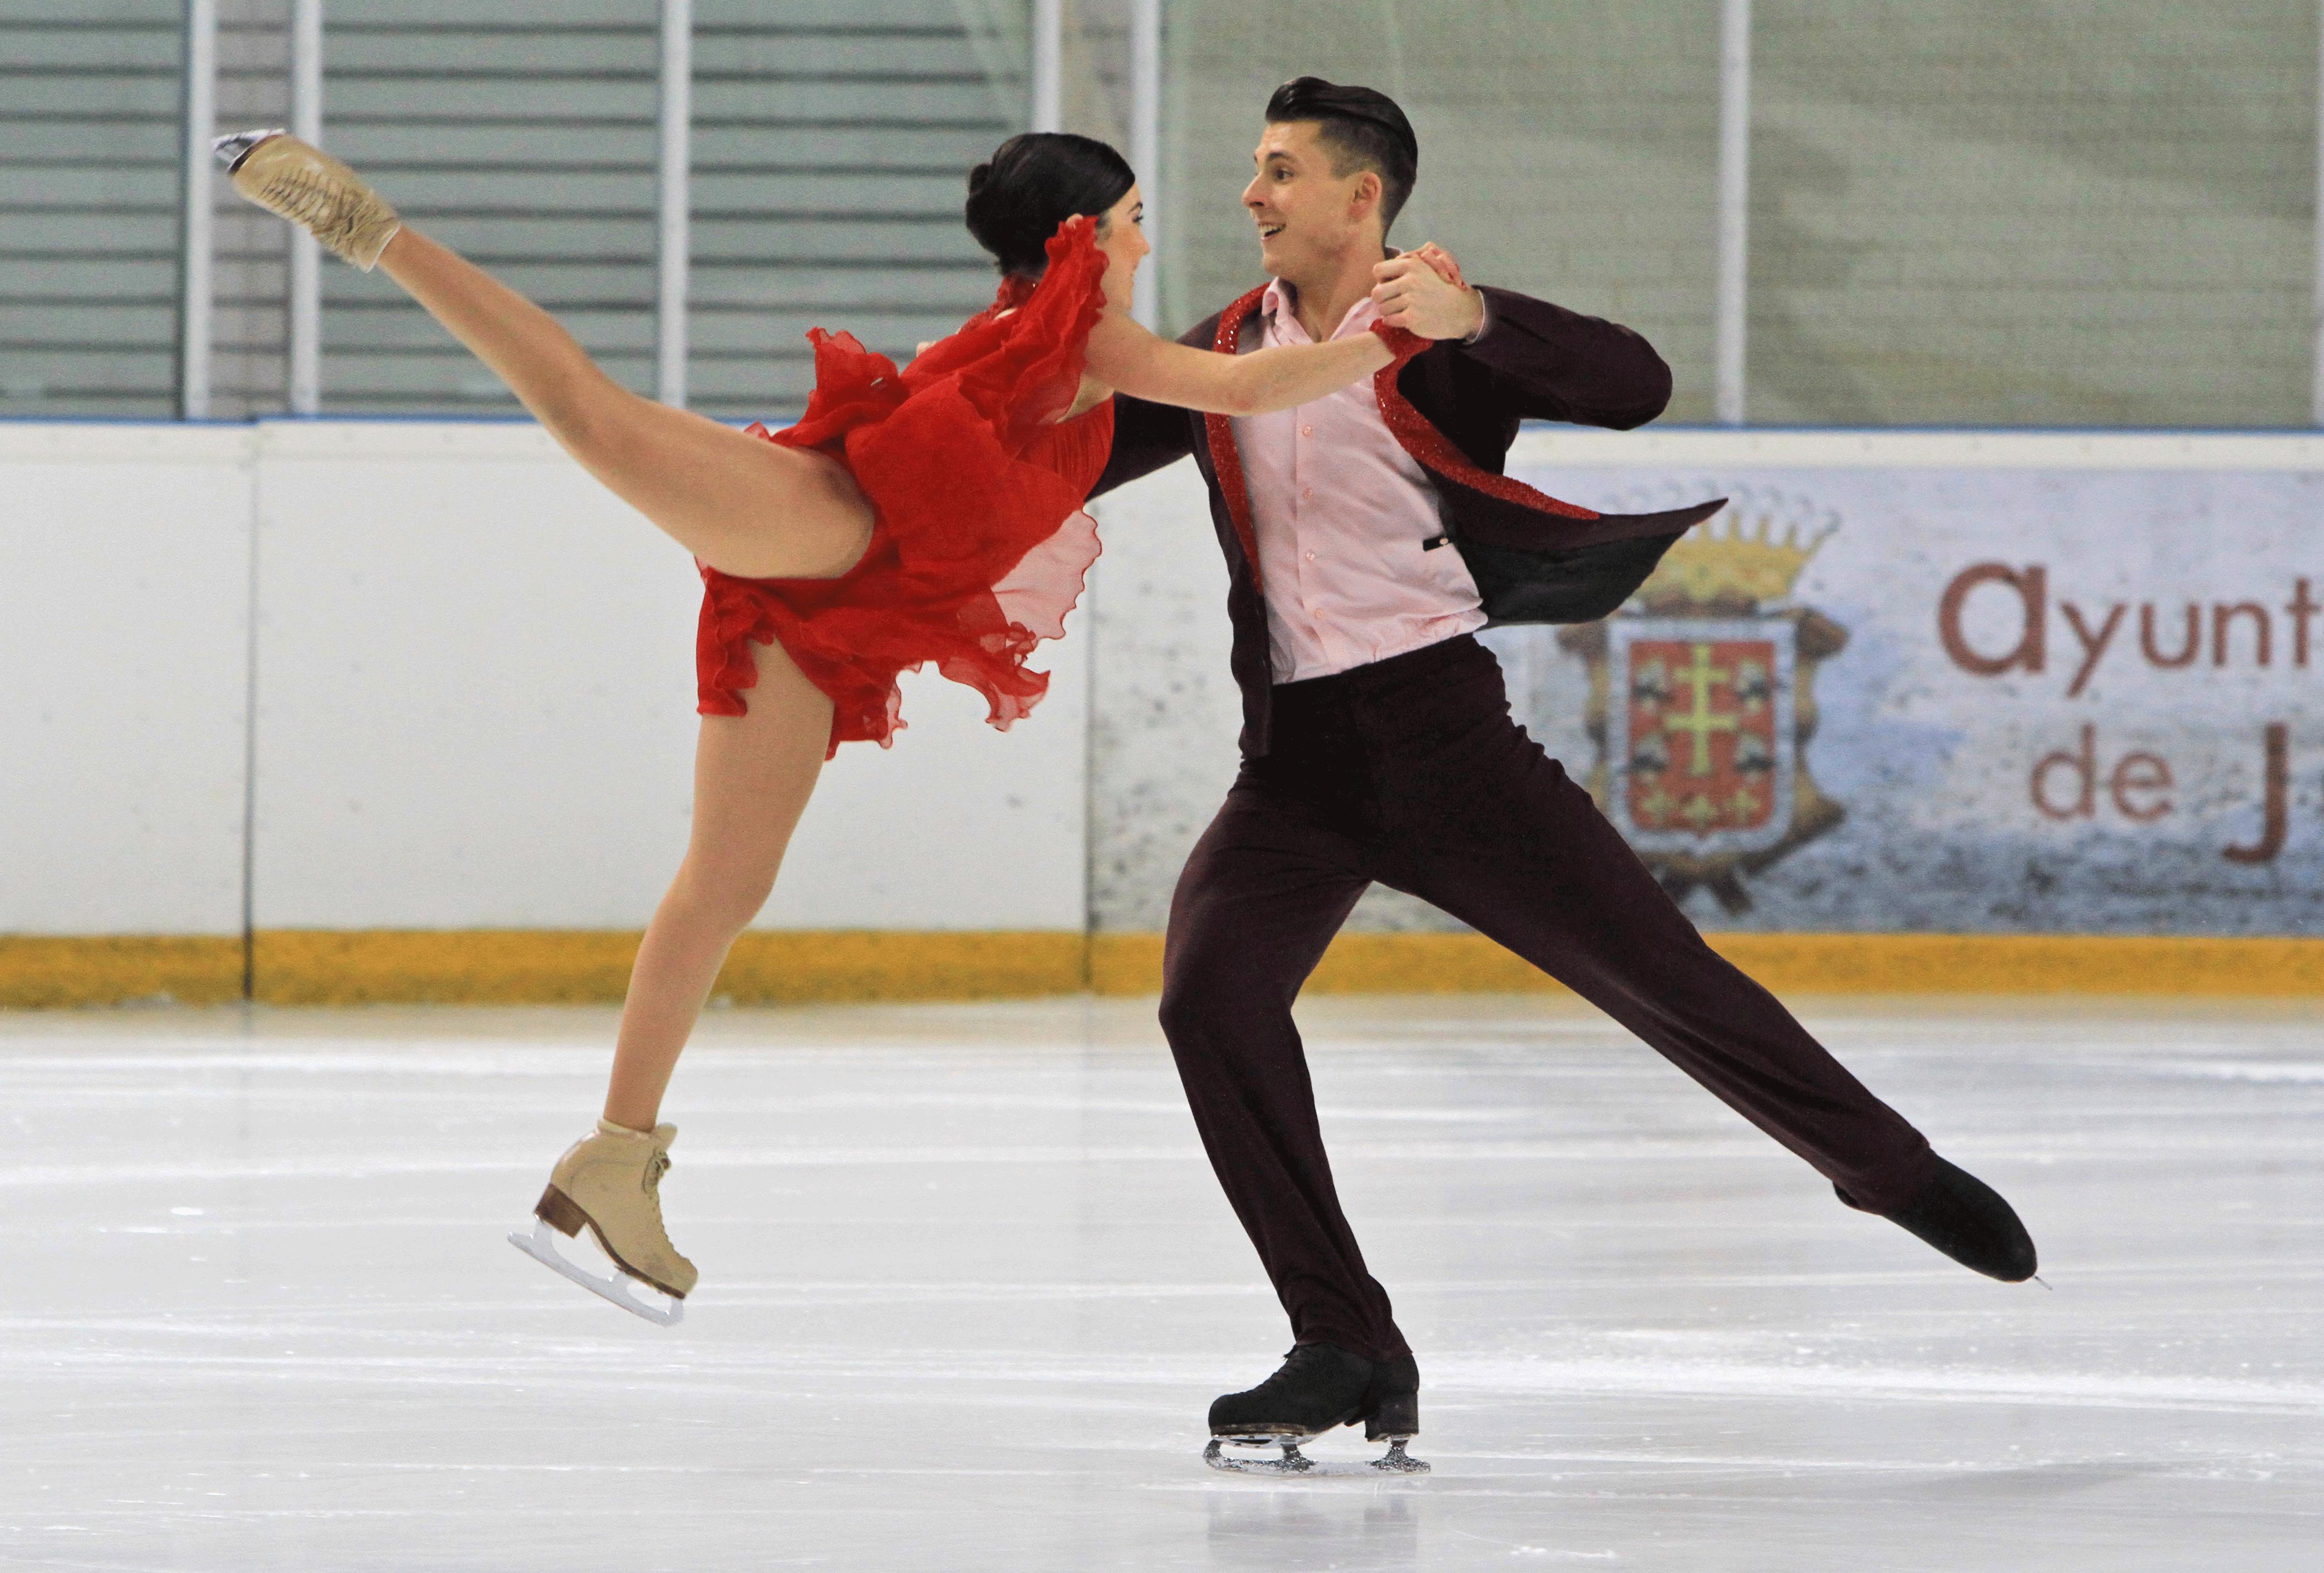 La pareja internacional se marcha a Montreal a entrenar. Fuente: AD